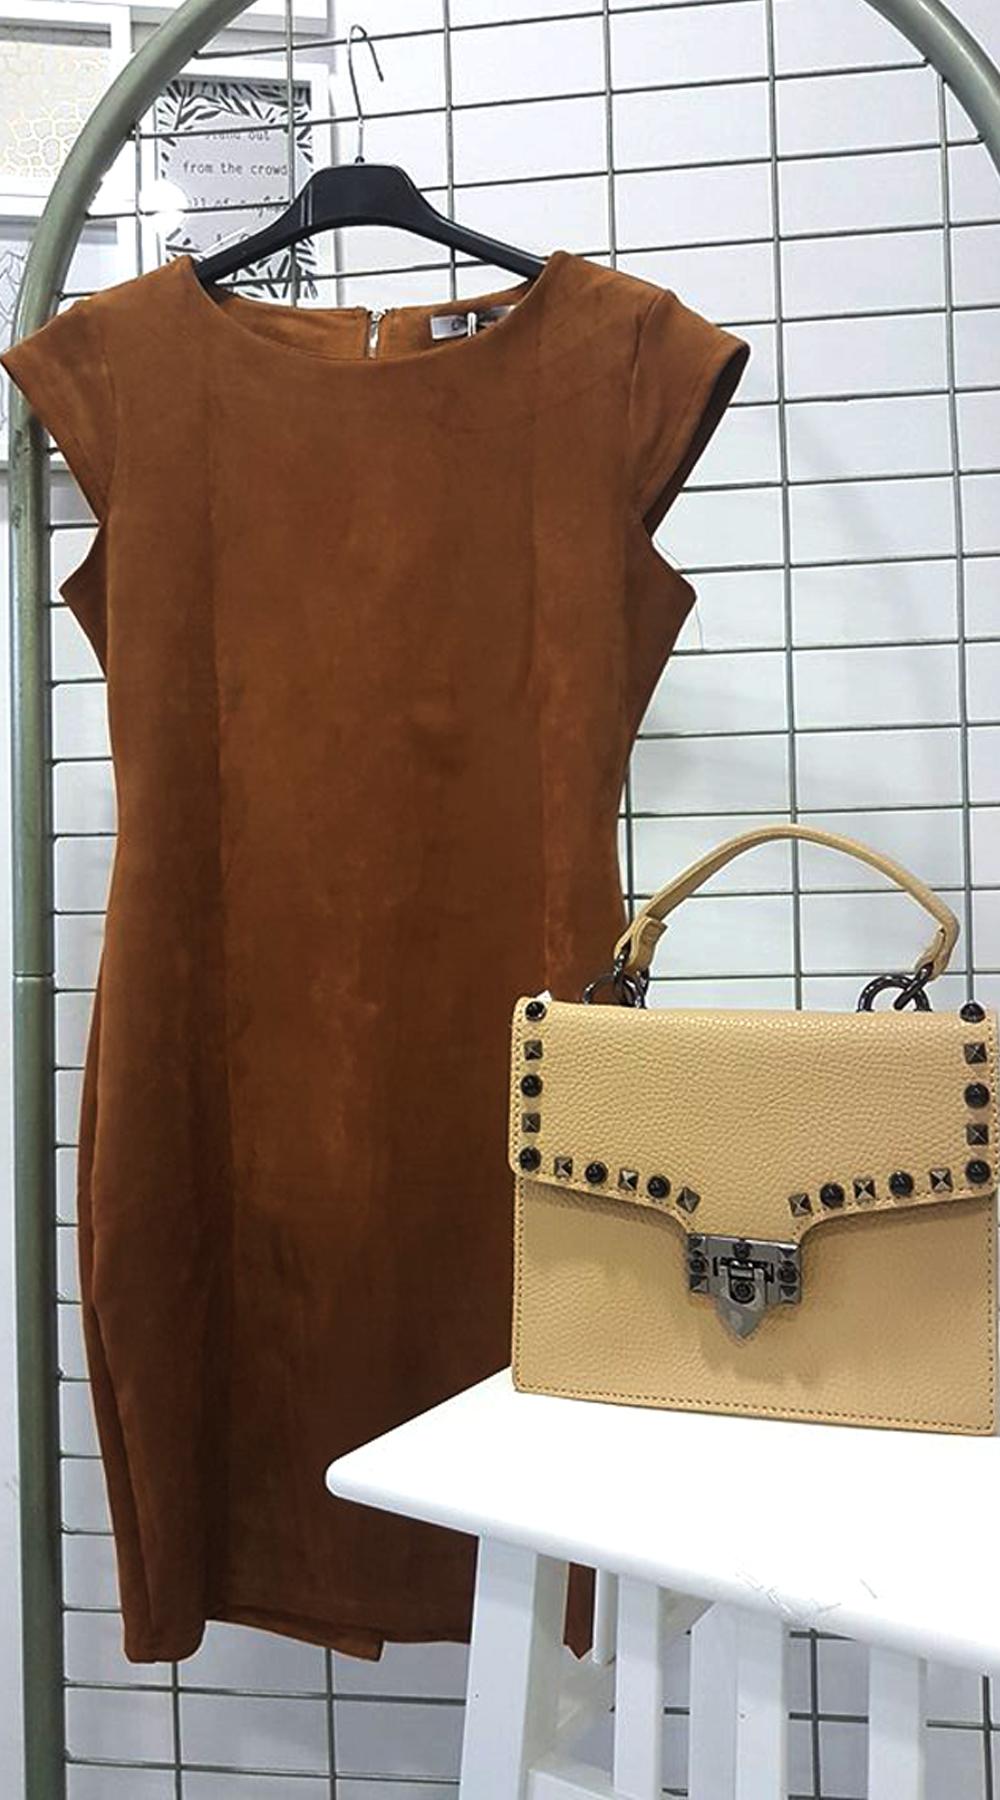 Σουέντ μίνι φόρεμα και τσάντα με τρουκς - OEM - W18DW-D1 offers winter sales up to 50